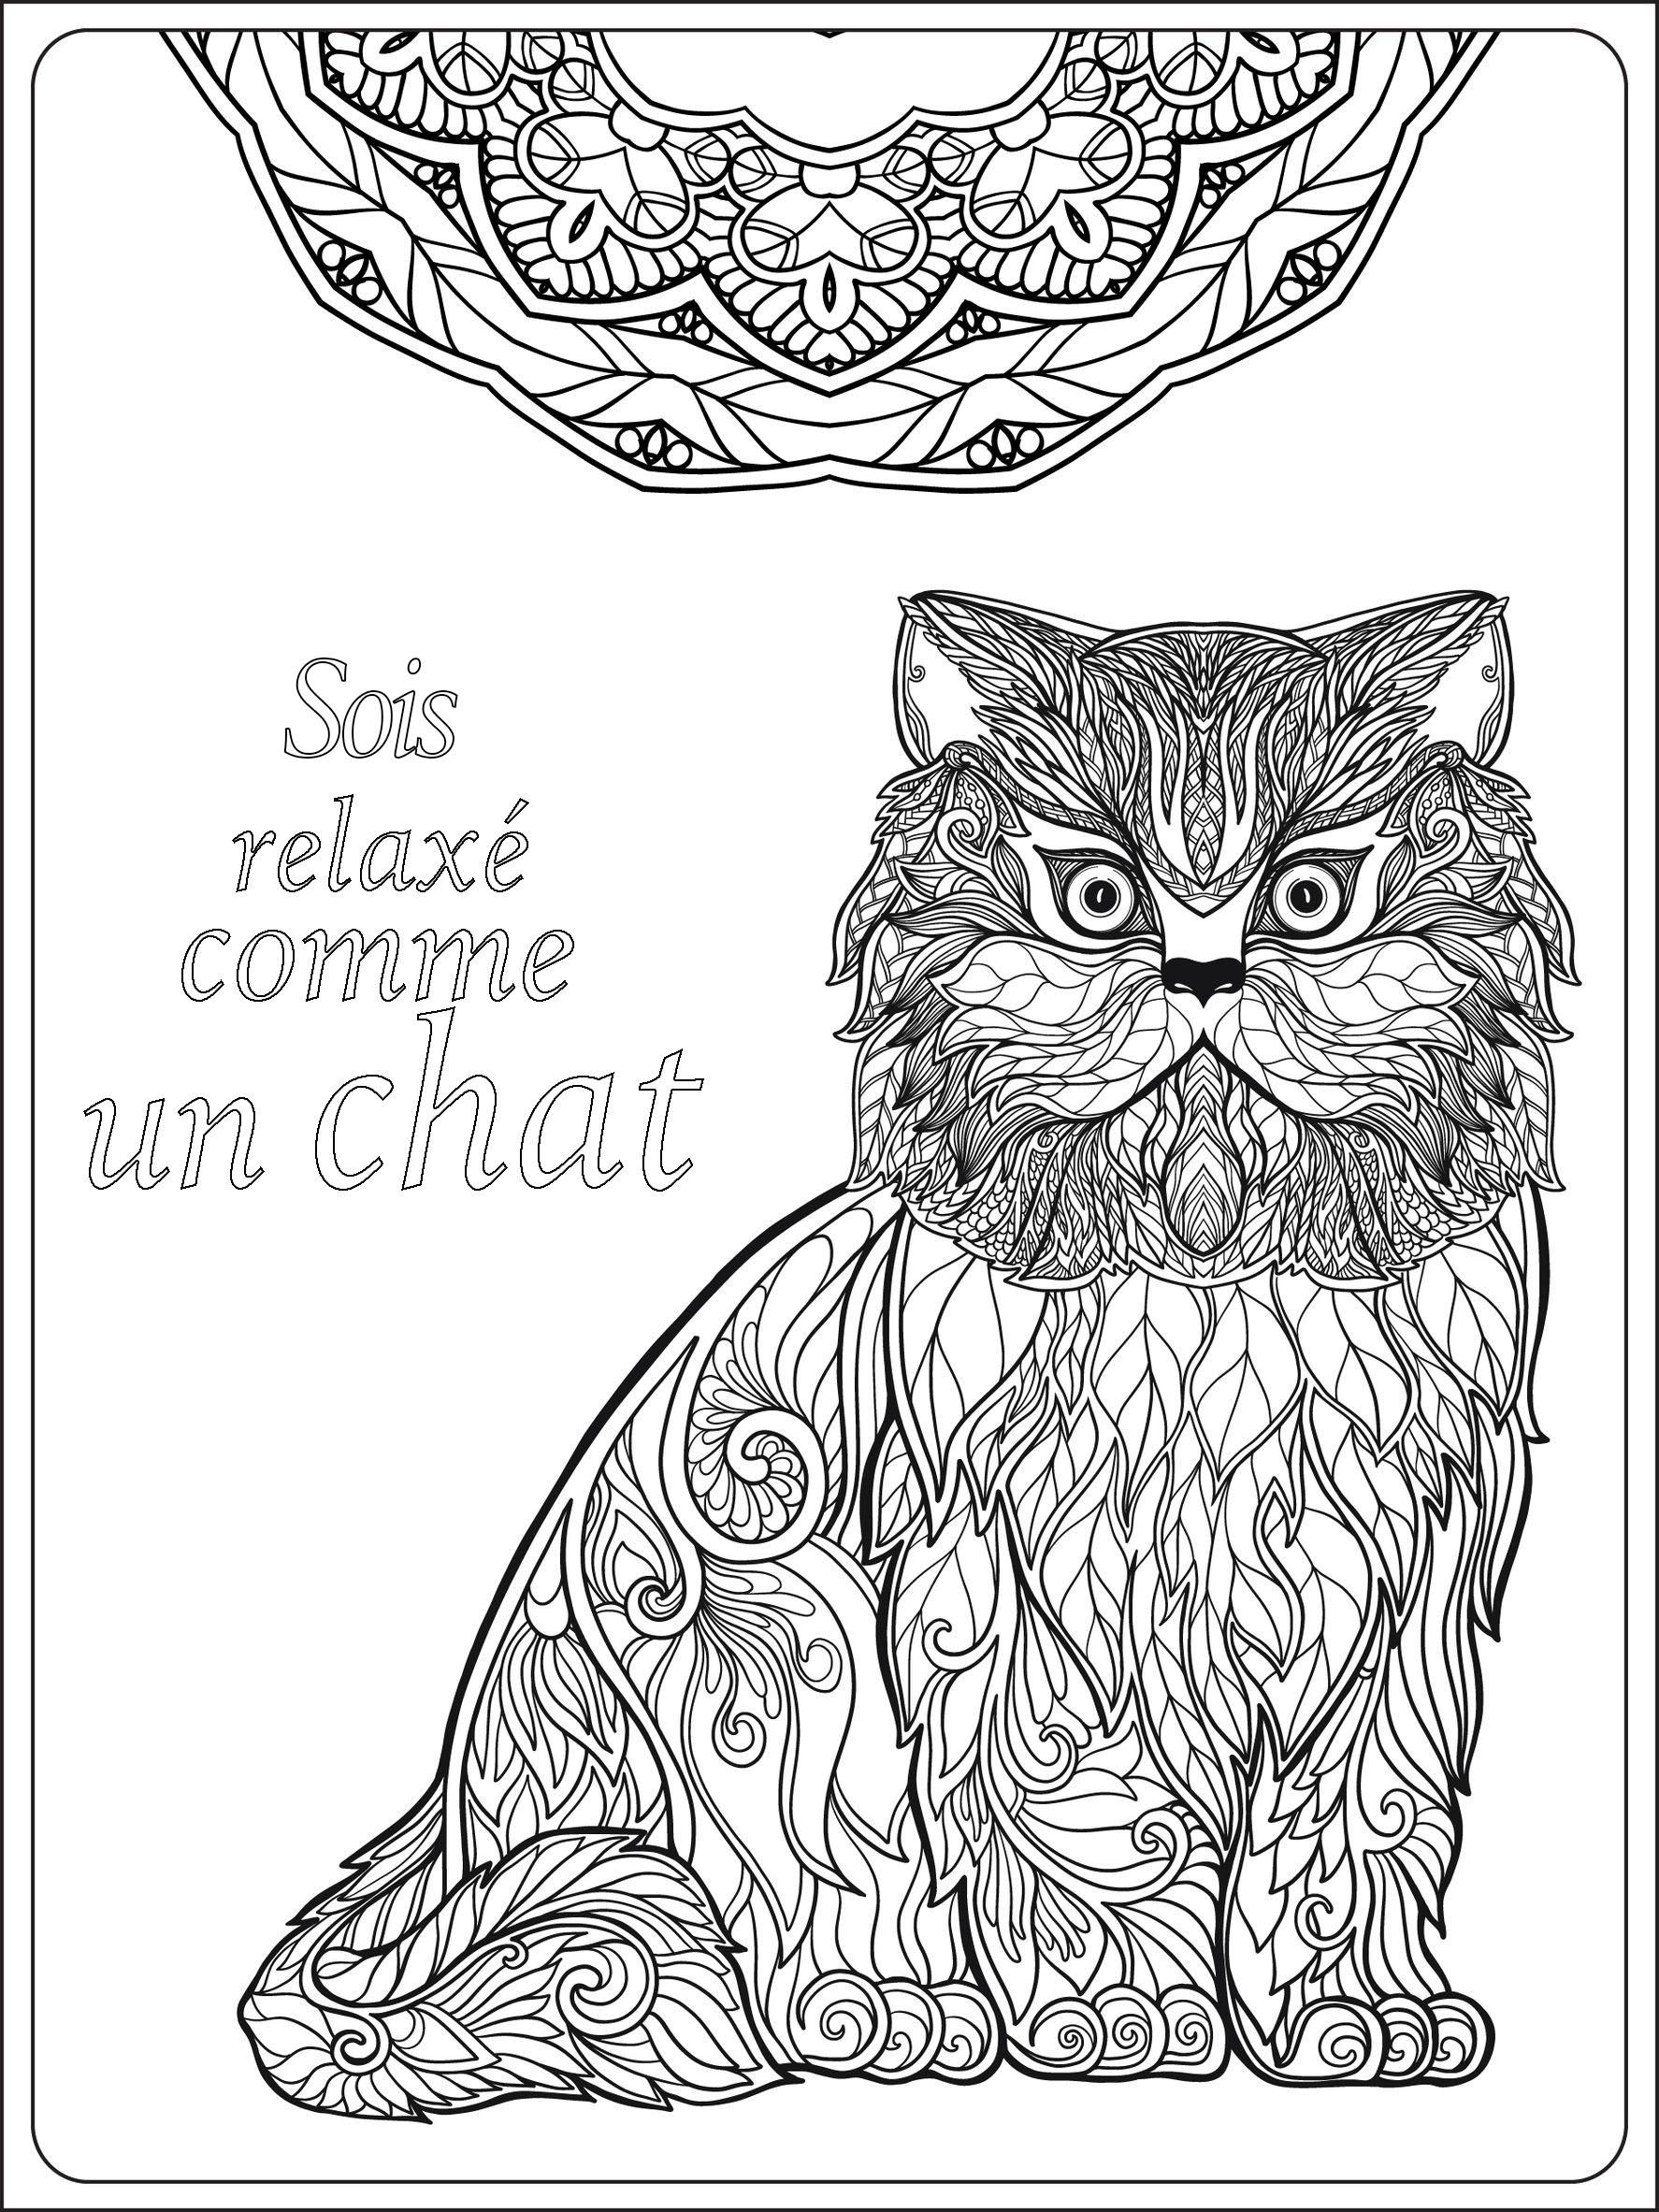 Soit relax comme un chat - Chats - Coloriages difficiles ...